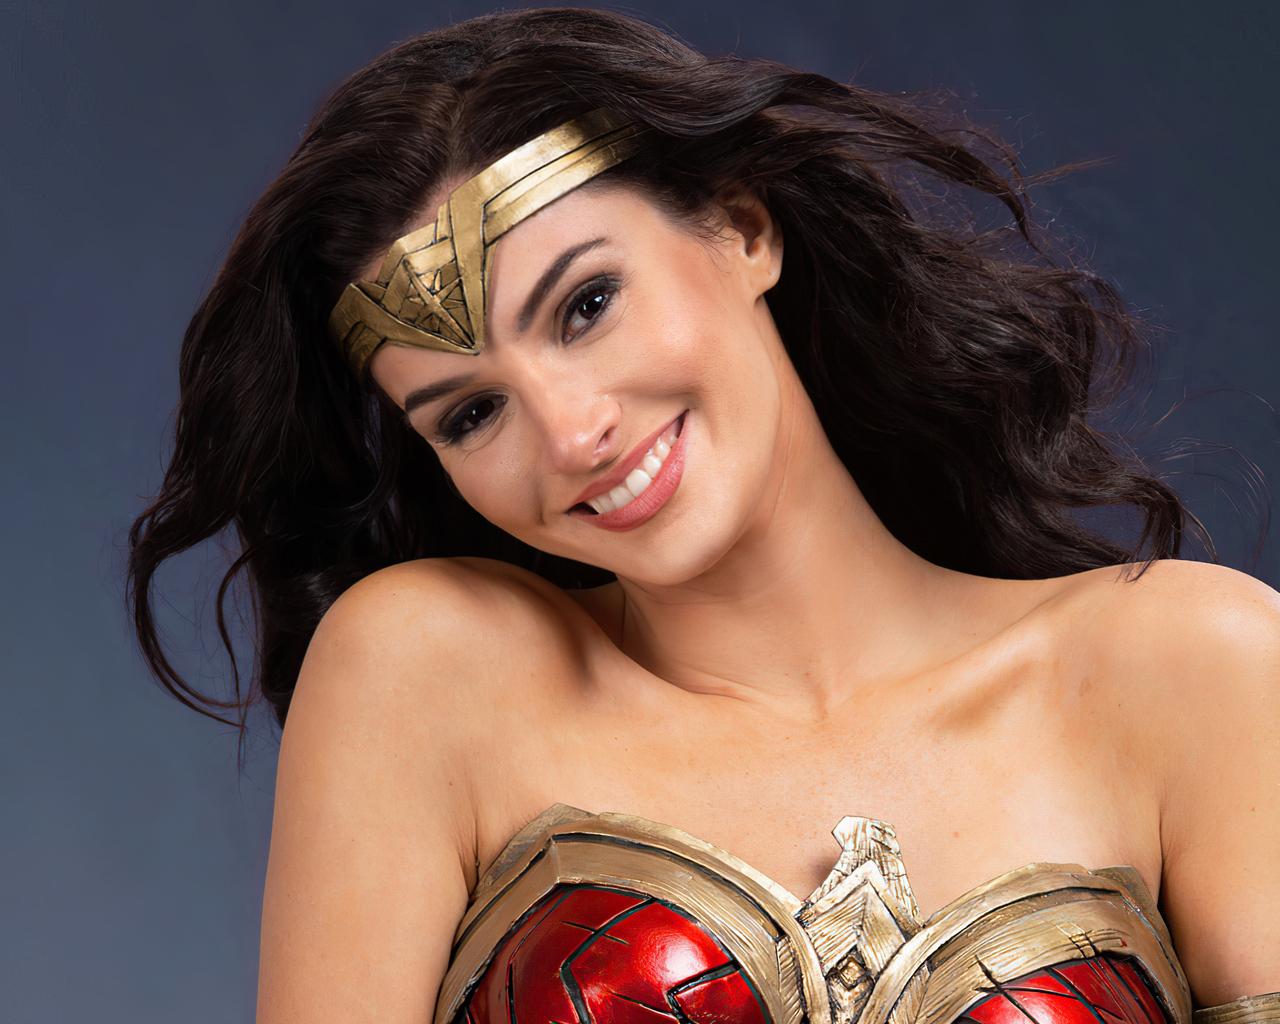 cute-wonder-woman-smiling-cosplay-4k-6n.jpg